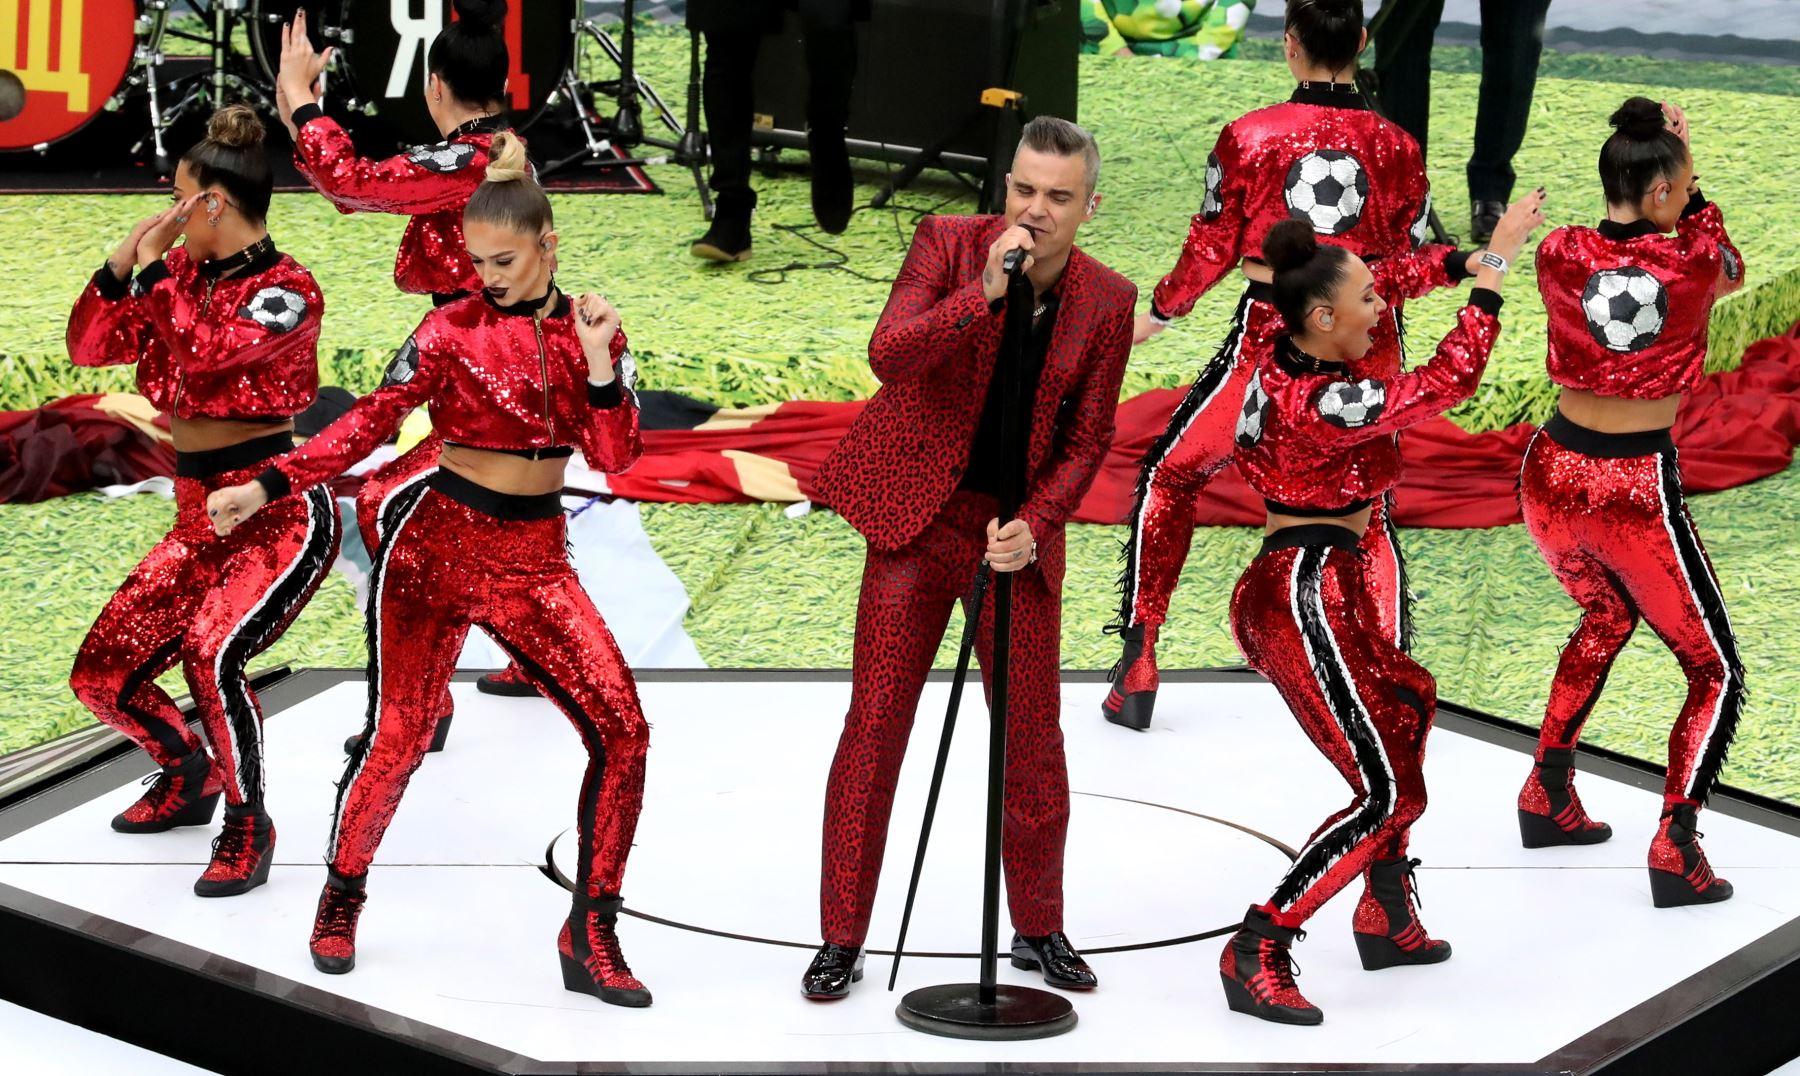 El cantante inglés Robbie Williams se presenta durante la ceremonia de apertura antes del partido de la Copa Mundial de la FIFA 2018 Un partido de fútbol preliminar entre Rusia y Arabia Saudita en Moscú, Rusia. Foto: EFE